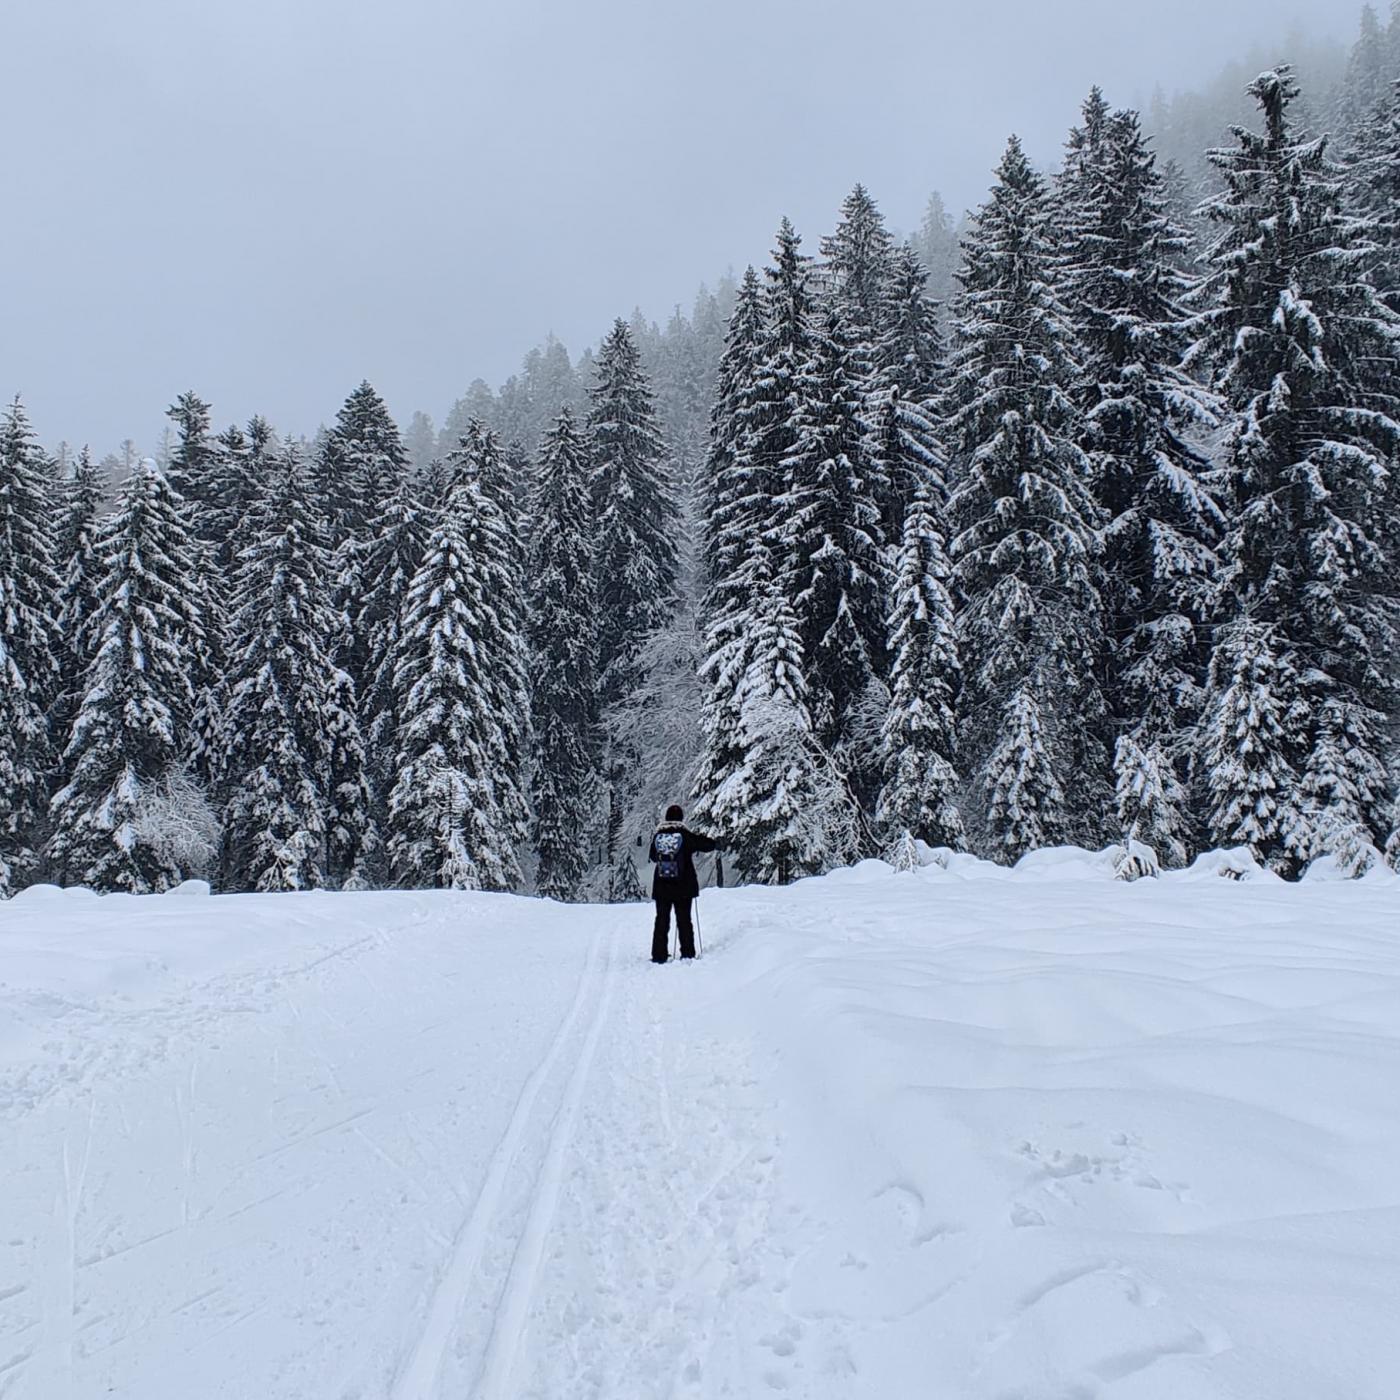 Vosges : Disparition de Thibaut Leduc, gérant de la station de ski de Ventron